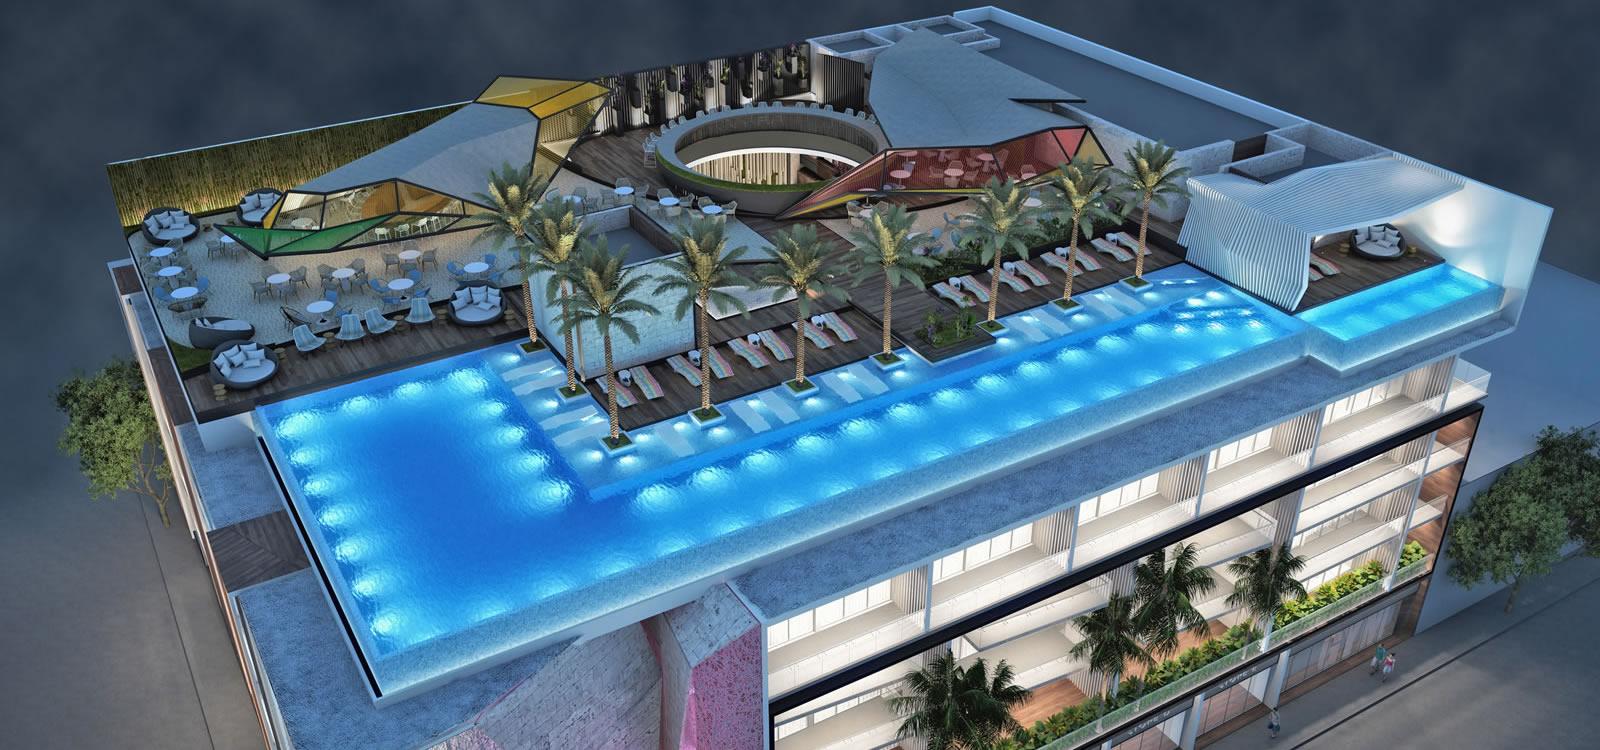 Mexico riviera maya playa del carmen condos for sale 2 for Actual studio muebles playa del carmen